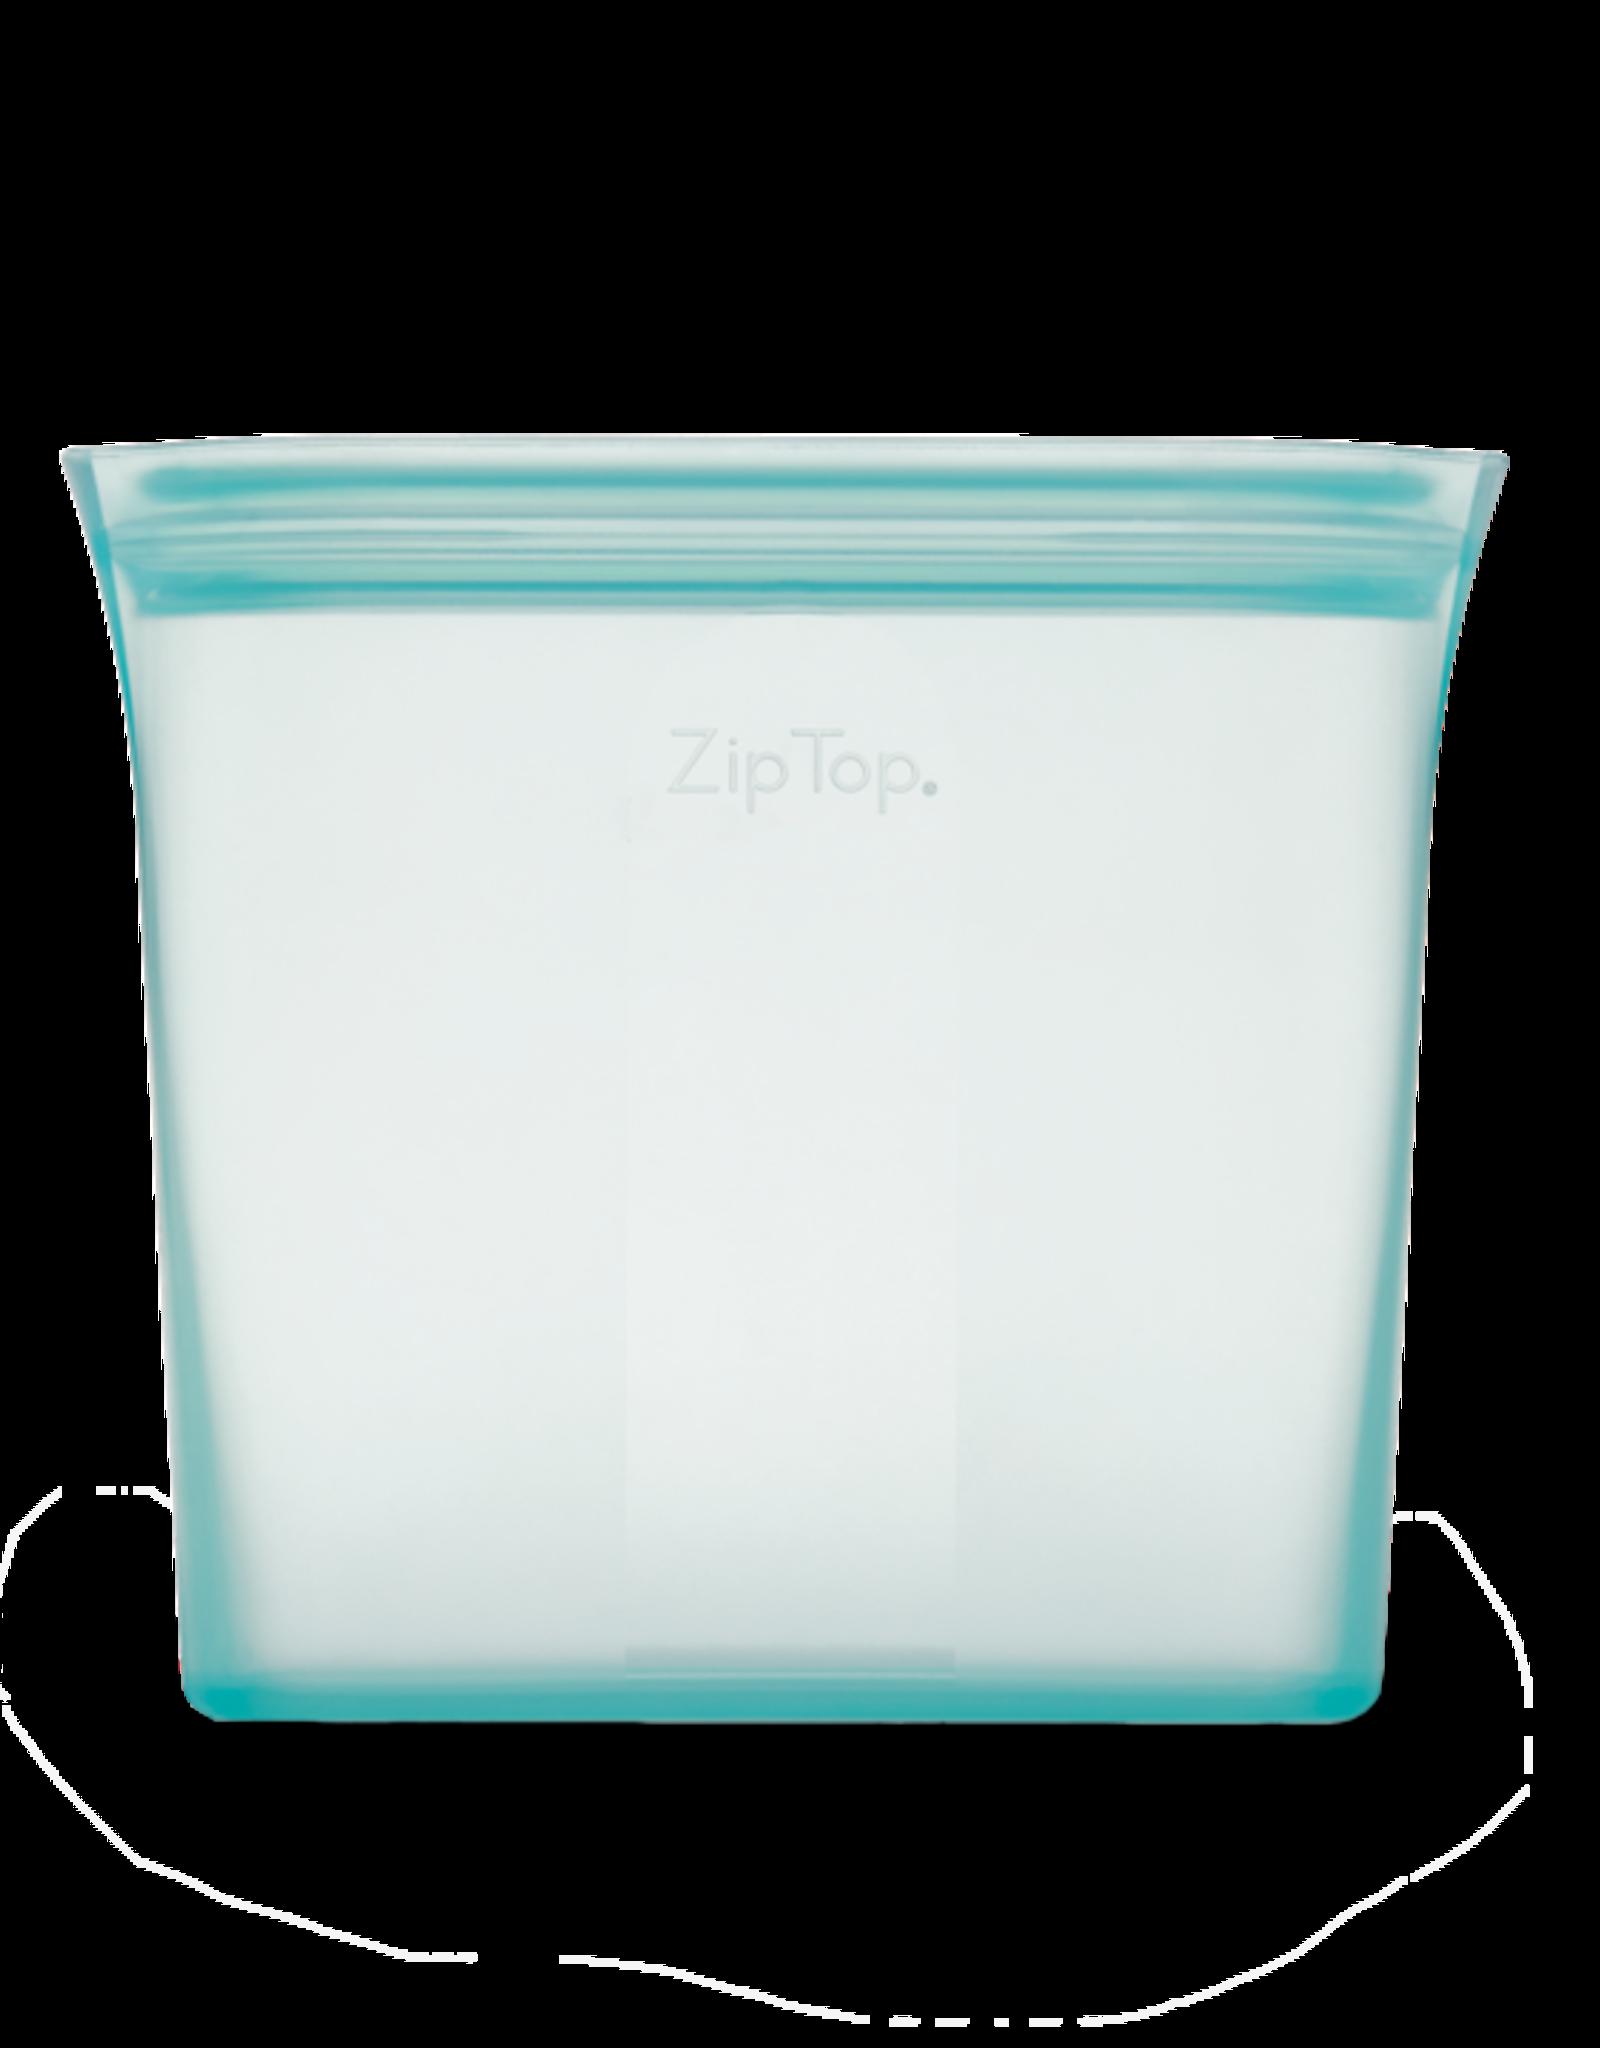 Zip Top Zip Top - Sandwich Bag - Teal